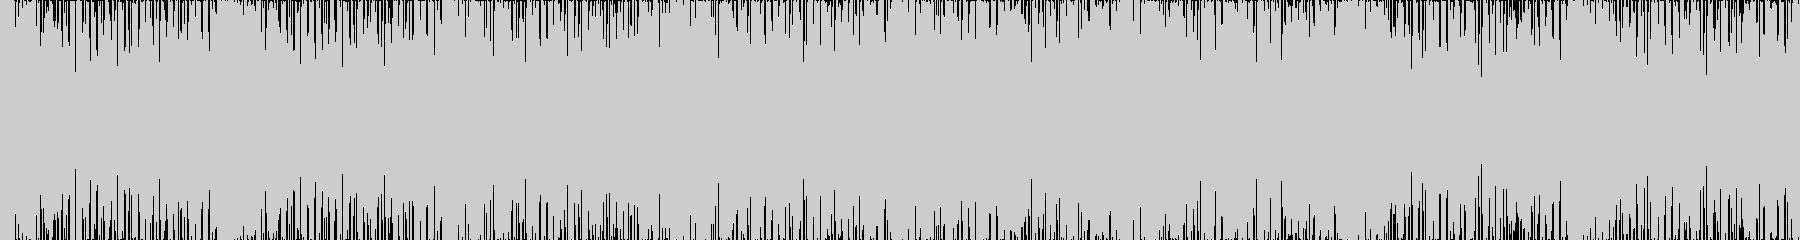 【ループ】ベース、スラップ、エレクトロの未再生の波形